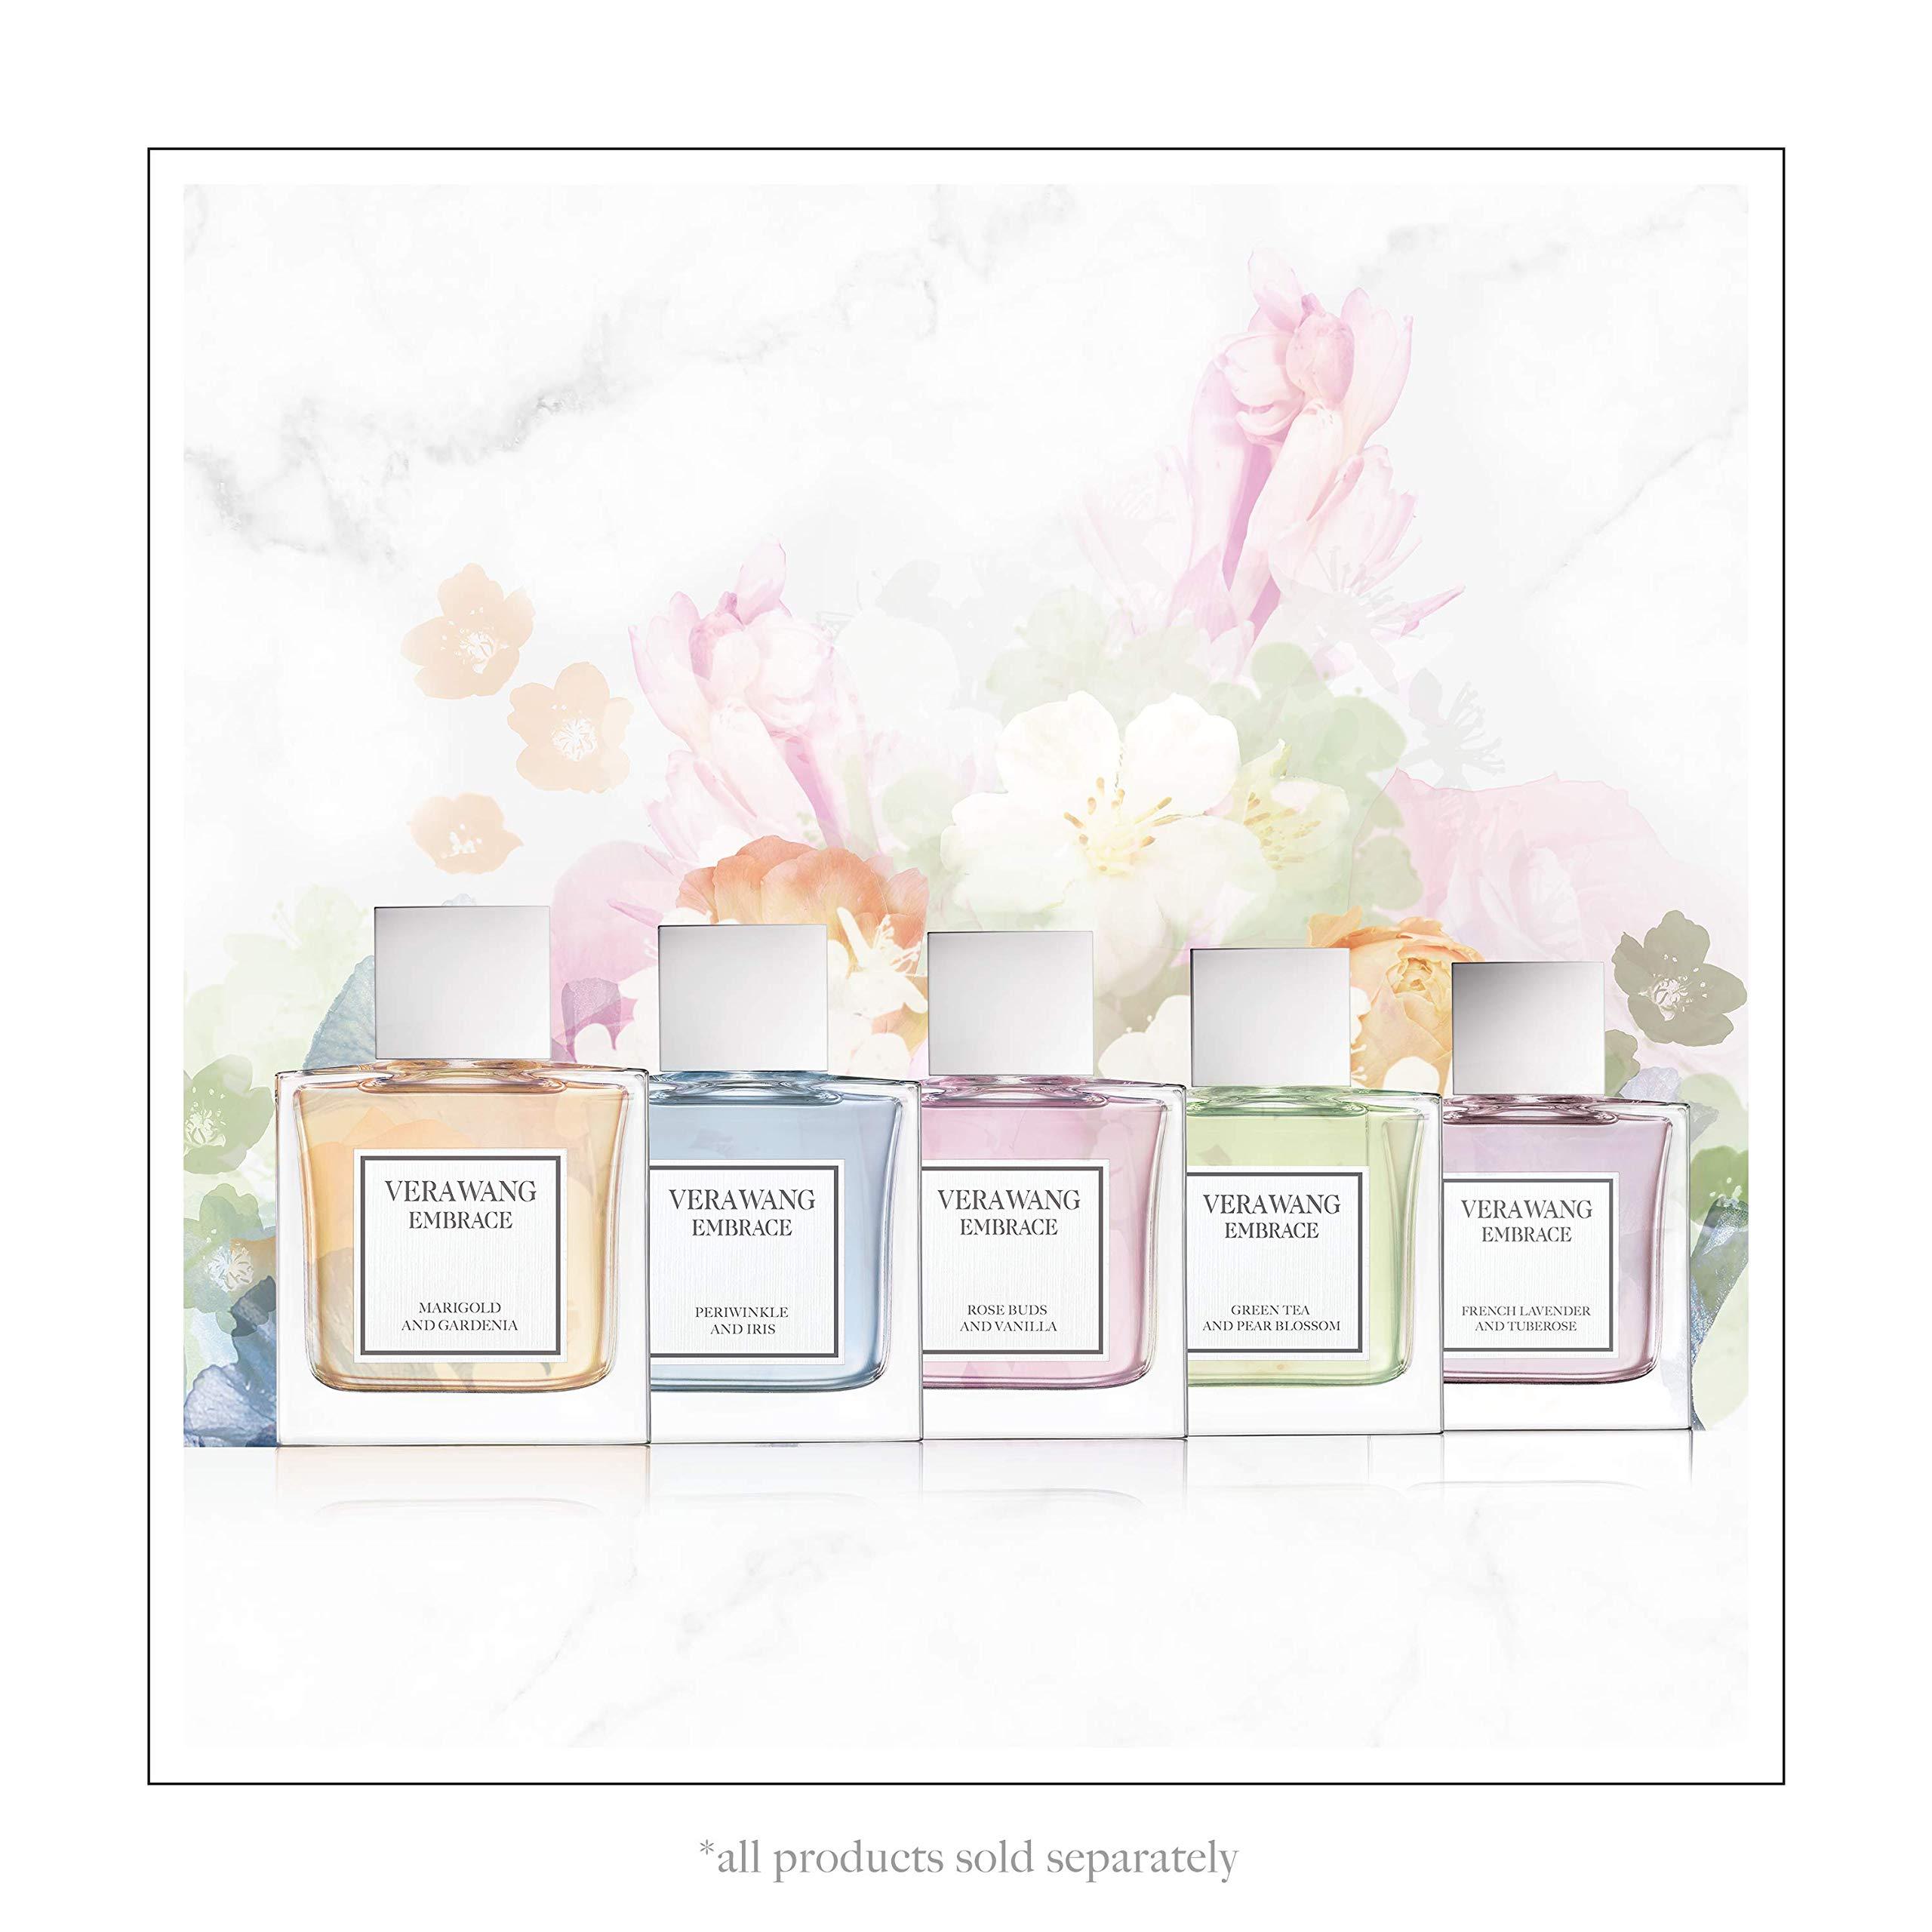 Vera Wang Embrace Eau de Toilette Rose Buds and Vanilla Scent 1 Fluid Oz. Women's Cologne Romantic, Floral and Warm Fragrance